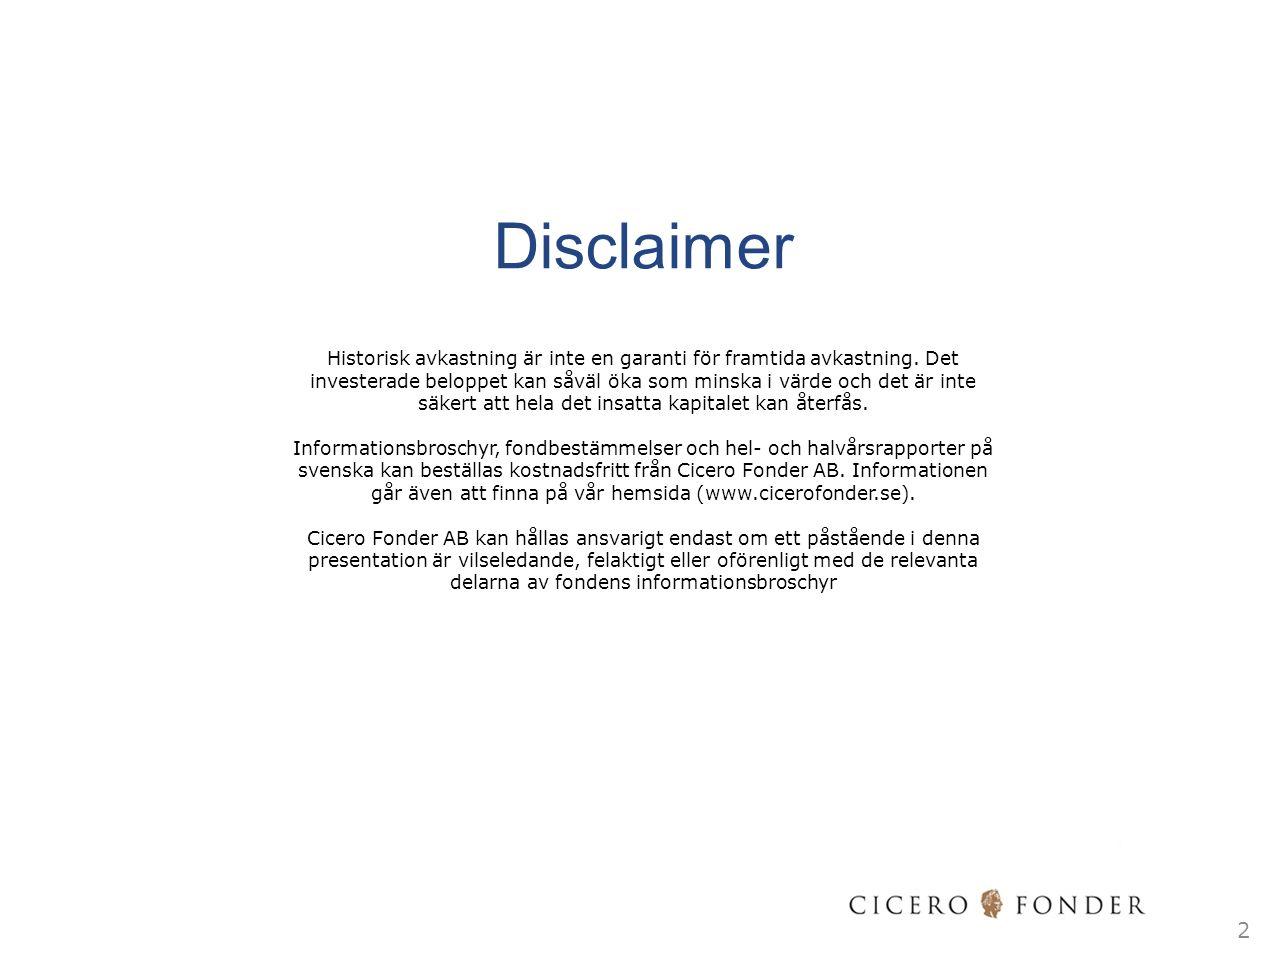 Löpande förvaltning Daglig övervakning av fondportföljen – finjusteringar till följd av eventuella in/utflöden Månadsvis portföljgenomgång  Översyn räntepapper  Rullning av future (var tredje månad) Säljdisciplin/omprövning räntepapper (exempel):  När bolaget väsentligt ökar skuldsättningen  När bolagets vinsttillväxt och övriga utveckling inte motsvarar våra förväntningar  Generellt svag utveckling för den bransch i vilken bolaget är verksamt  När bolaget genomför förvärv/fusion som väsentligt påverkar kassa, kassaflöde och skuldsättning negativt  När bolagsledningen förändras påtagligt och osäkerheten därmed ökar  När värderingen av räntepapperet ej längre är attraktivt relativt andra placeringsalternativ 13 Vem som helst kan fela, men endast den dumme framhärdar i sitt fel